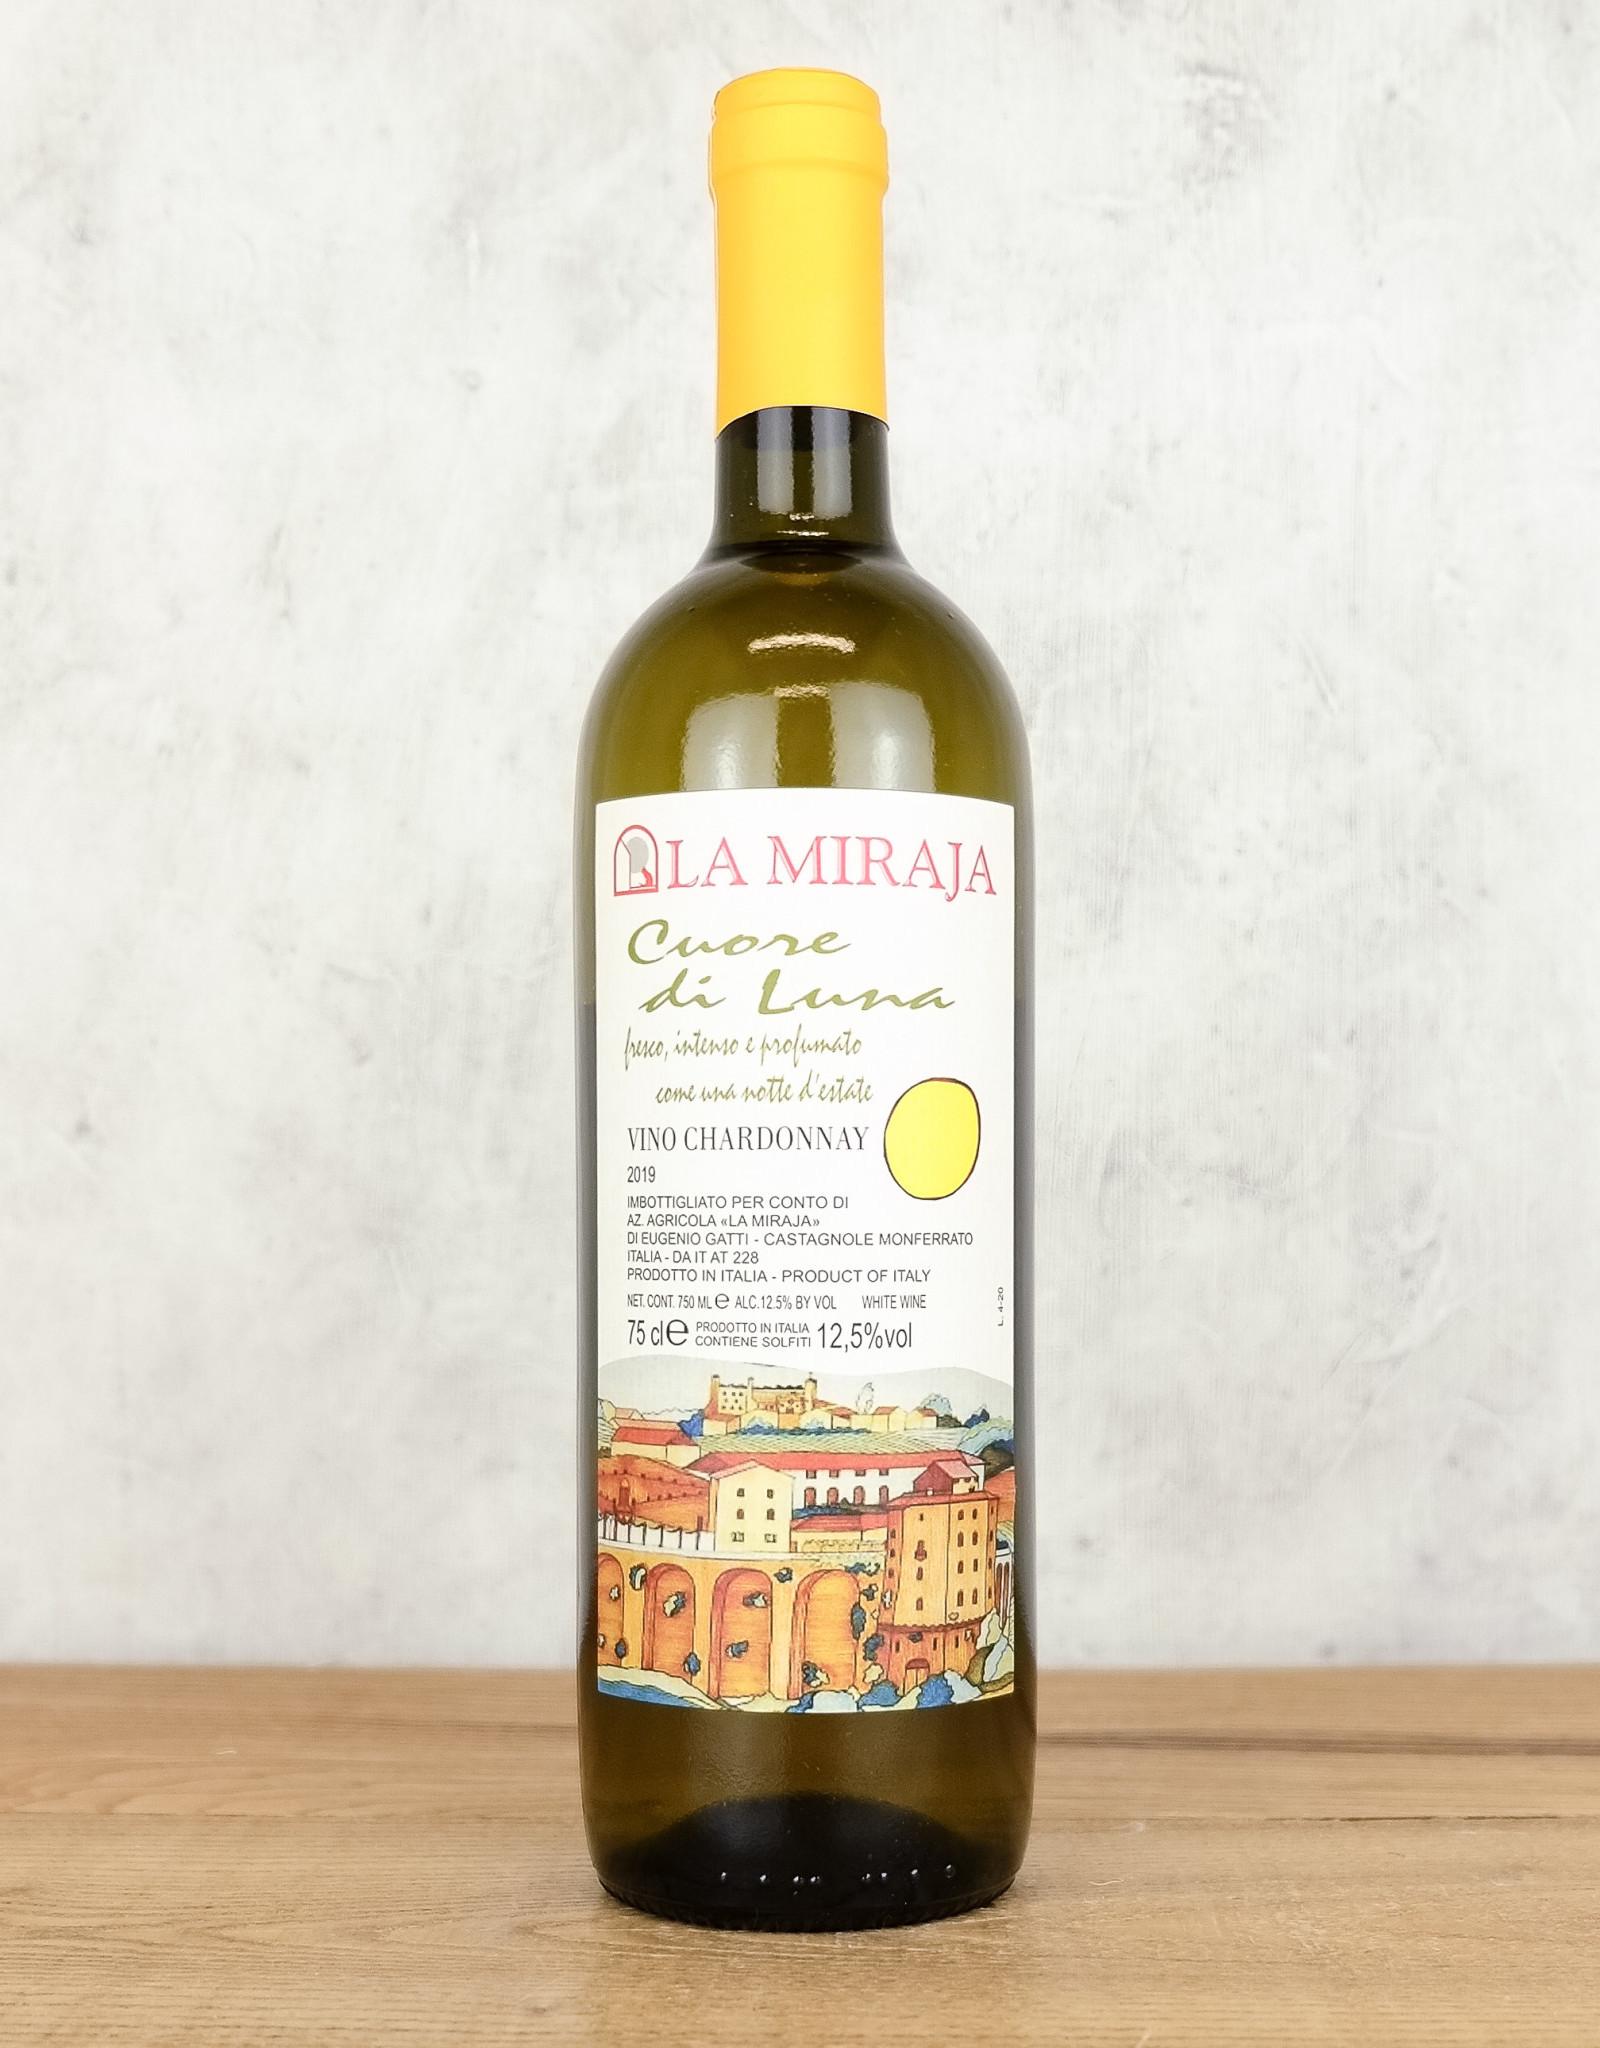 La Miraja  Cuore di Luna Chardonnay